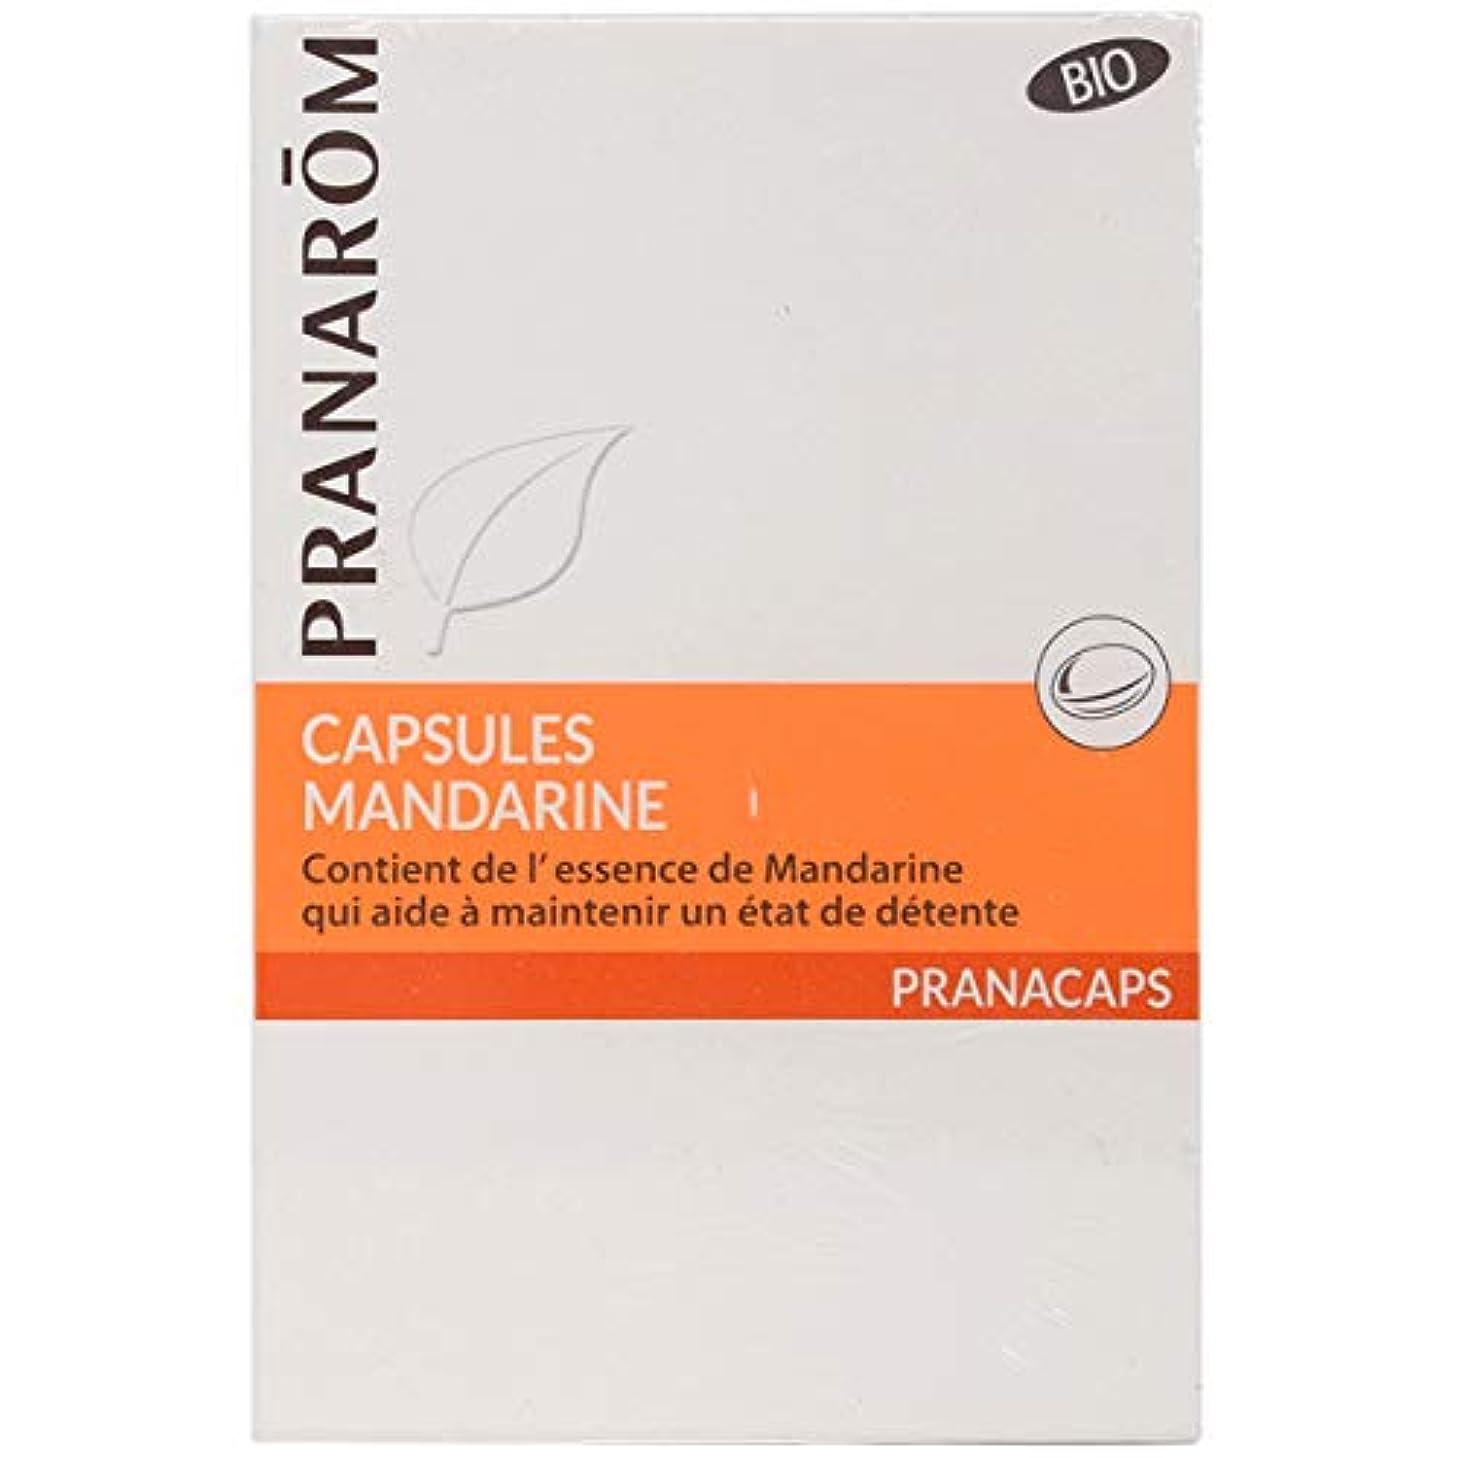 呼吸するクラフト可聴プラナロム マンダリンカプセル 30粒 (PRANAROM サプリメント)